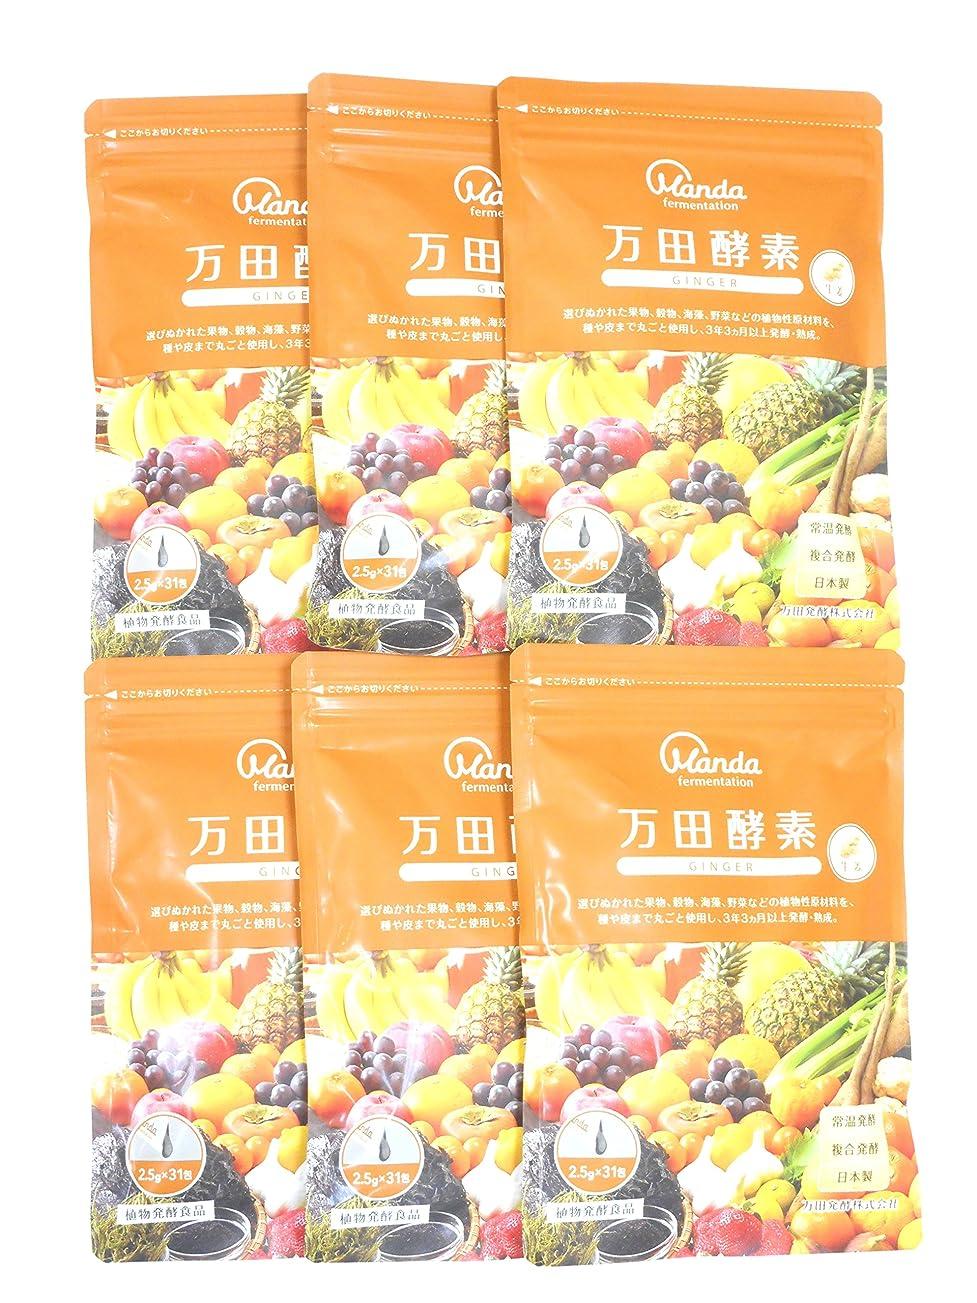 ビクター財政ドロー万田酵素 GINGER 分包タイプ 77.5g (2.5g×31包) X6個セット